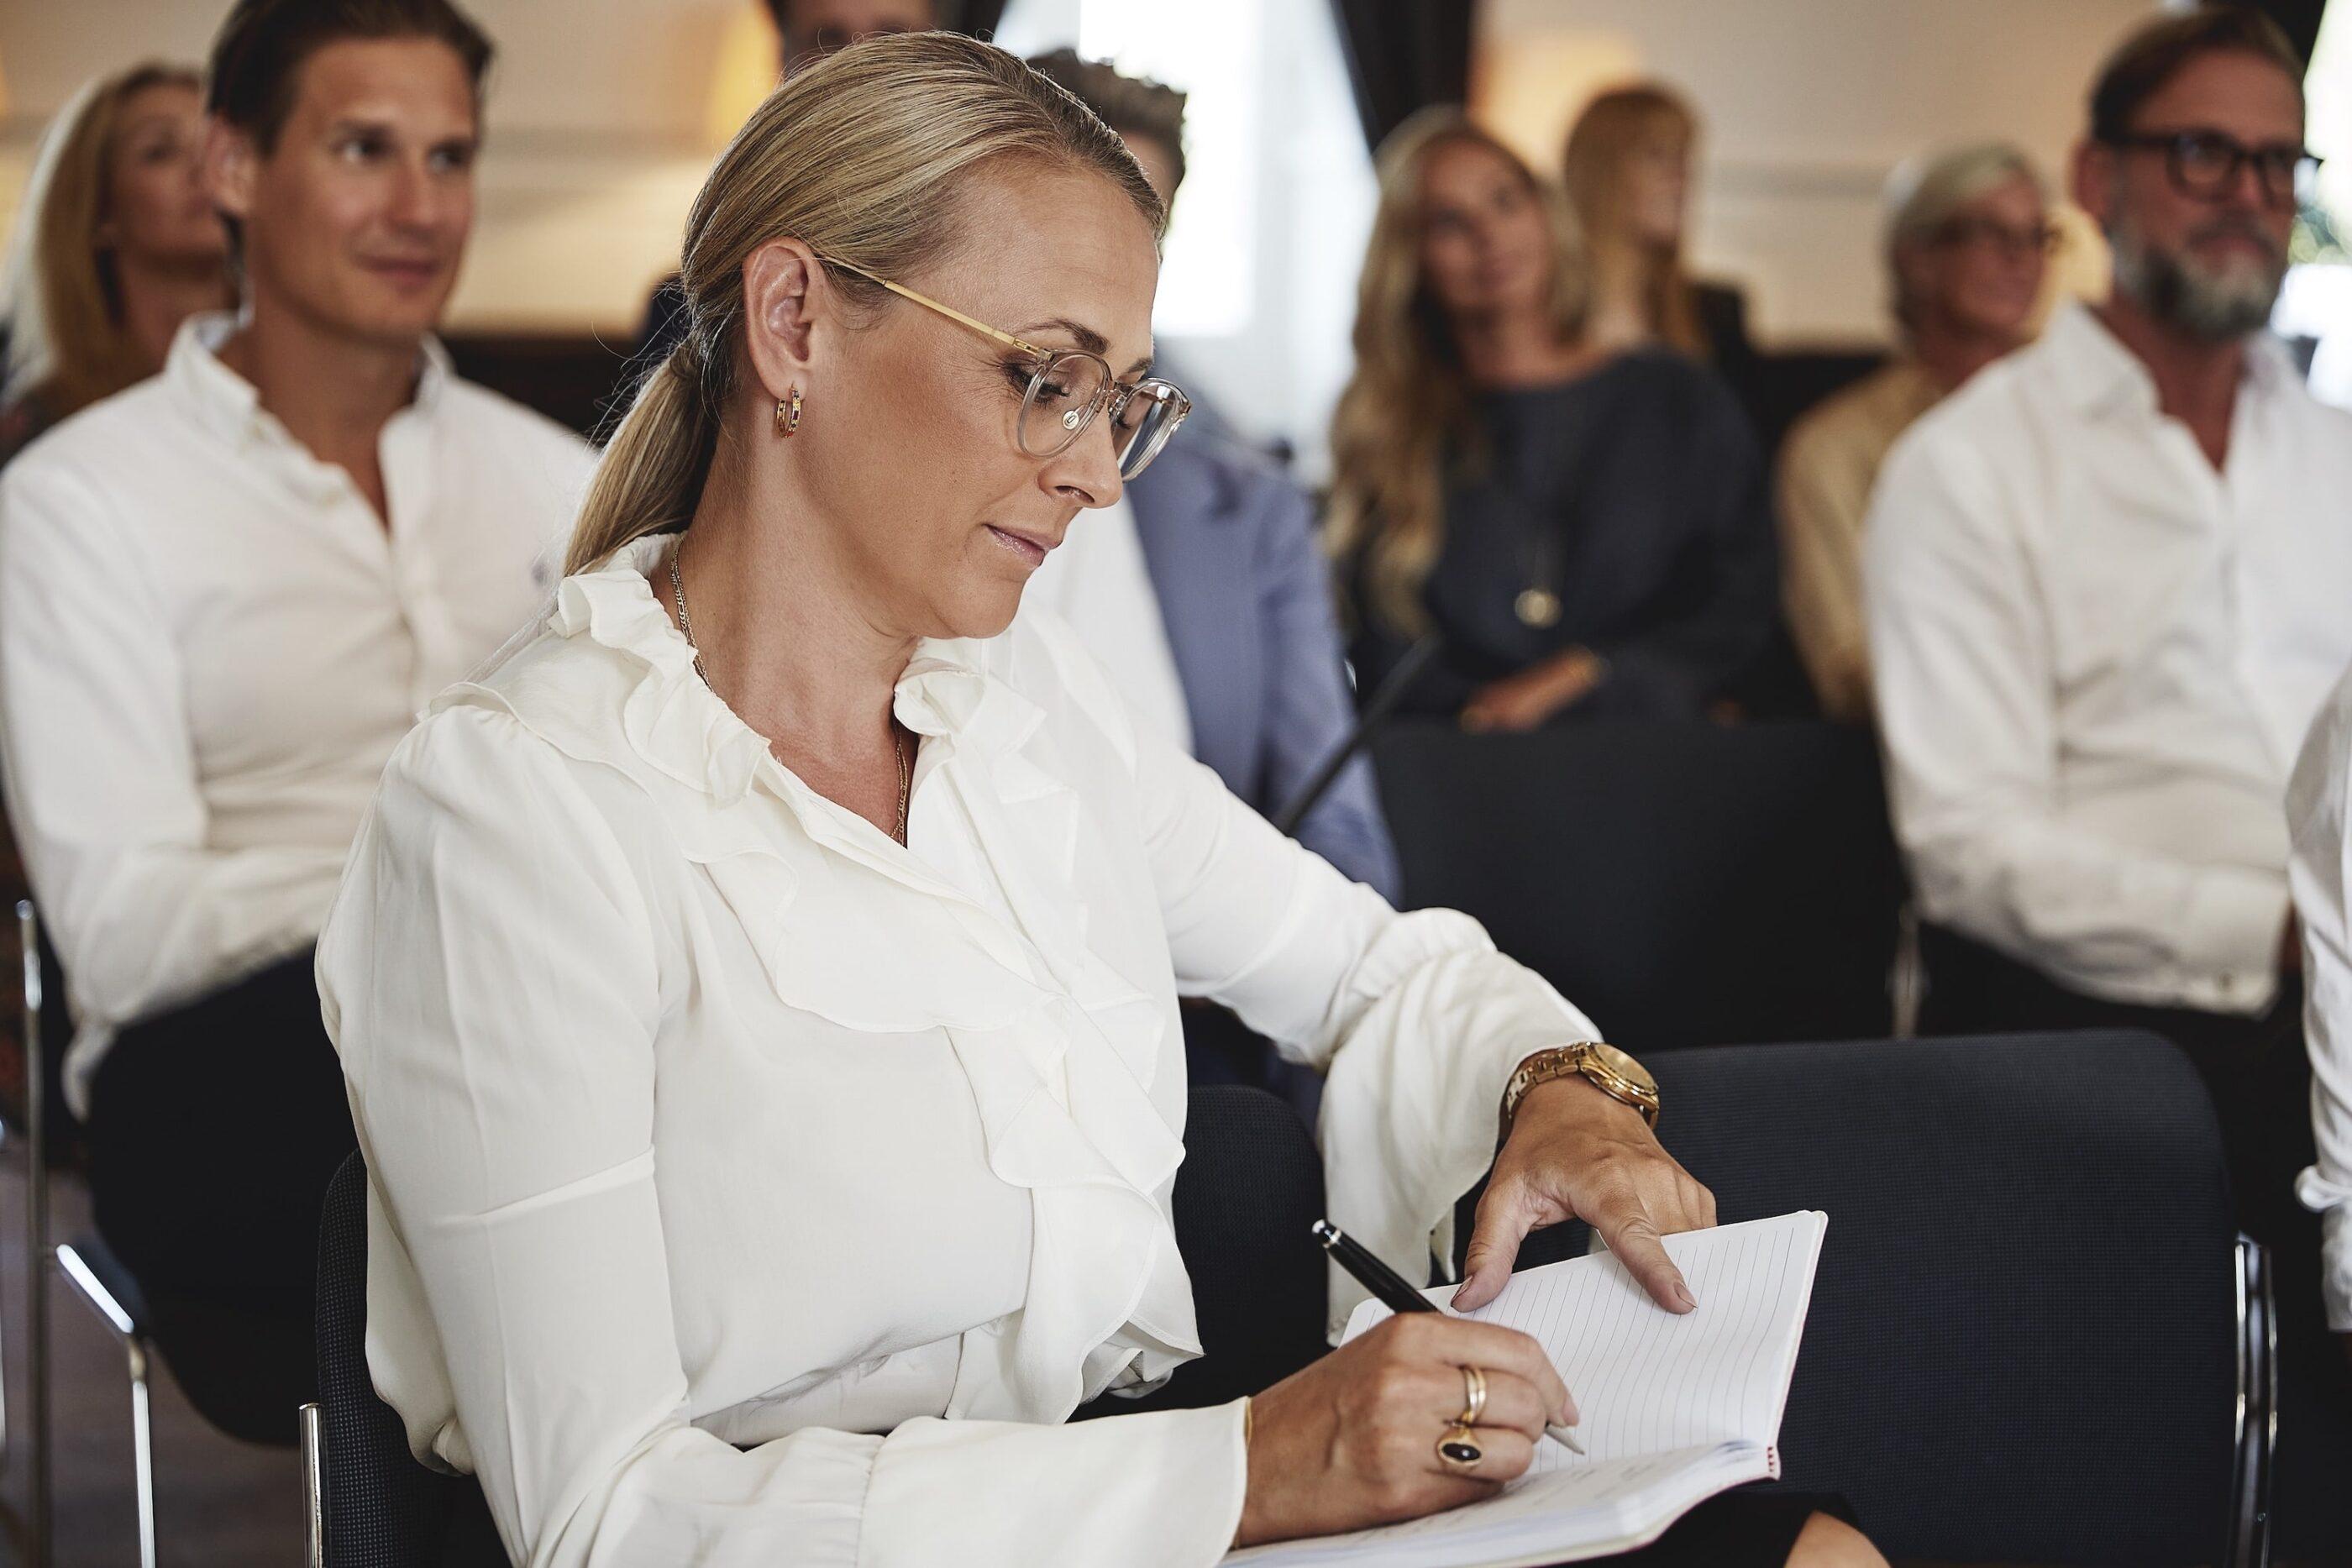 Kvinde skriver noter ned i sin notesbog under præsentationen med en flot pen.